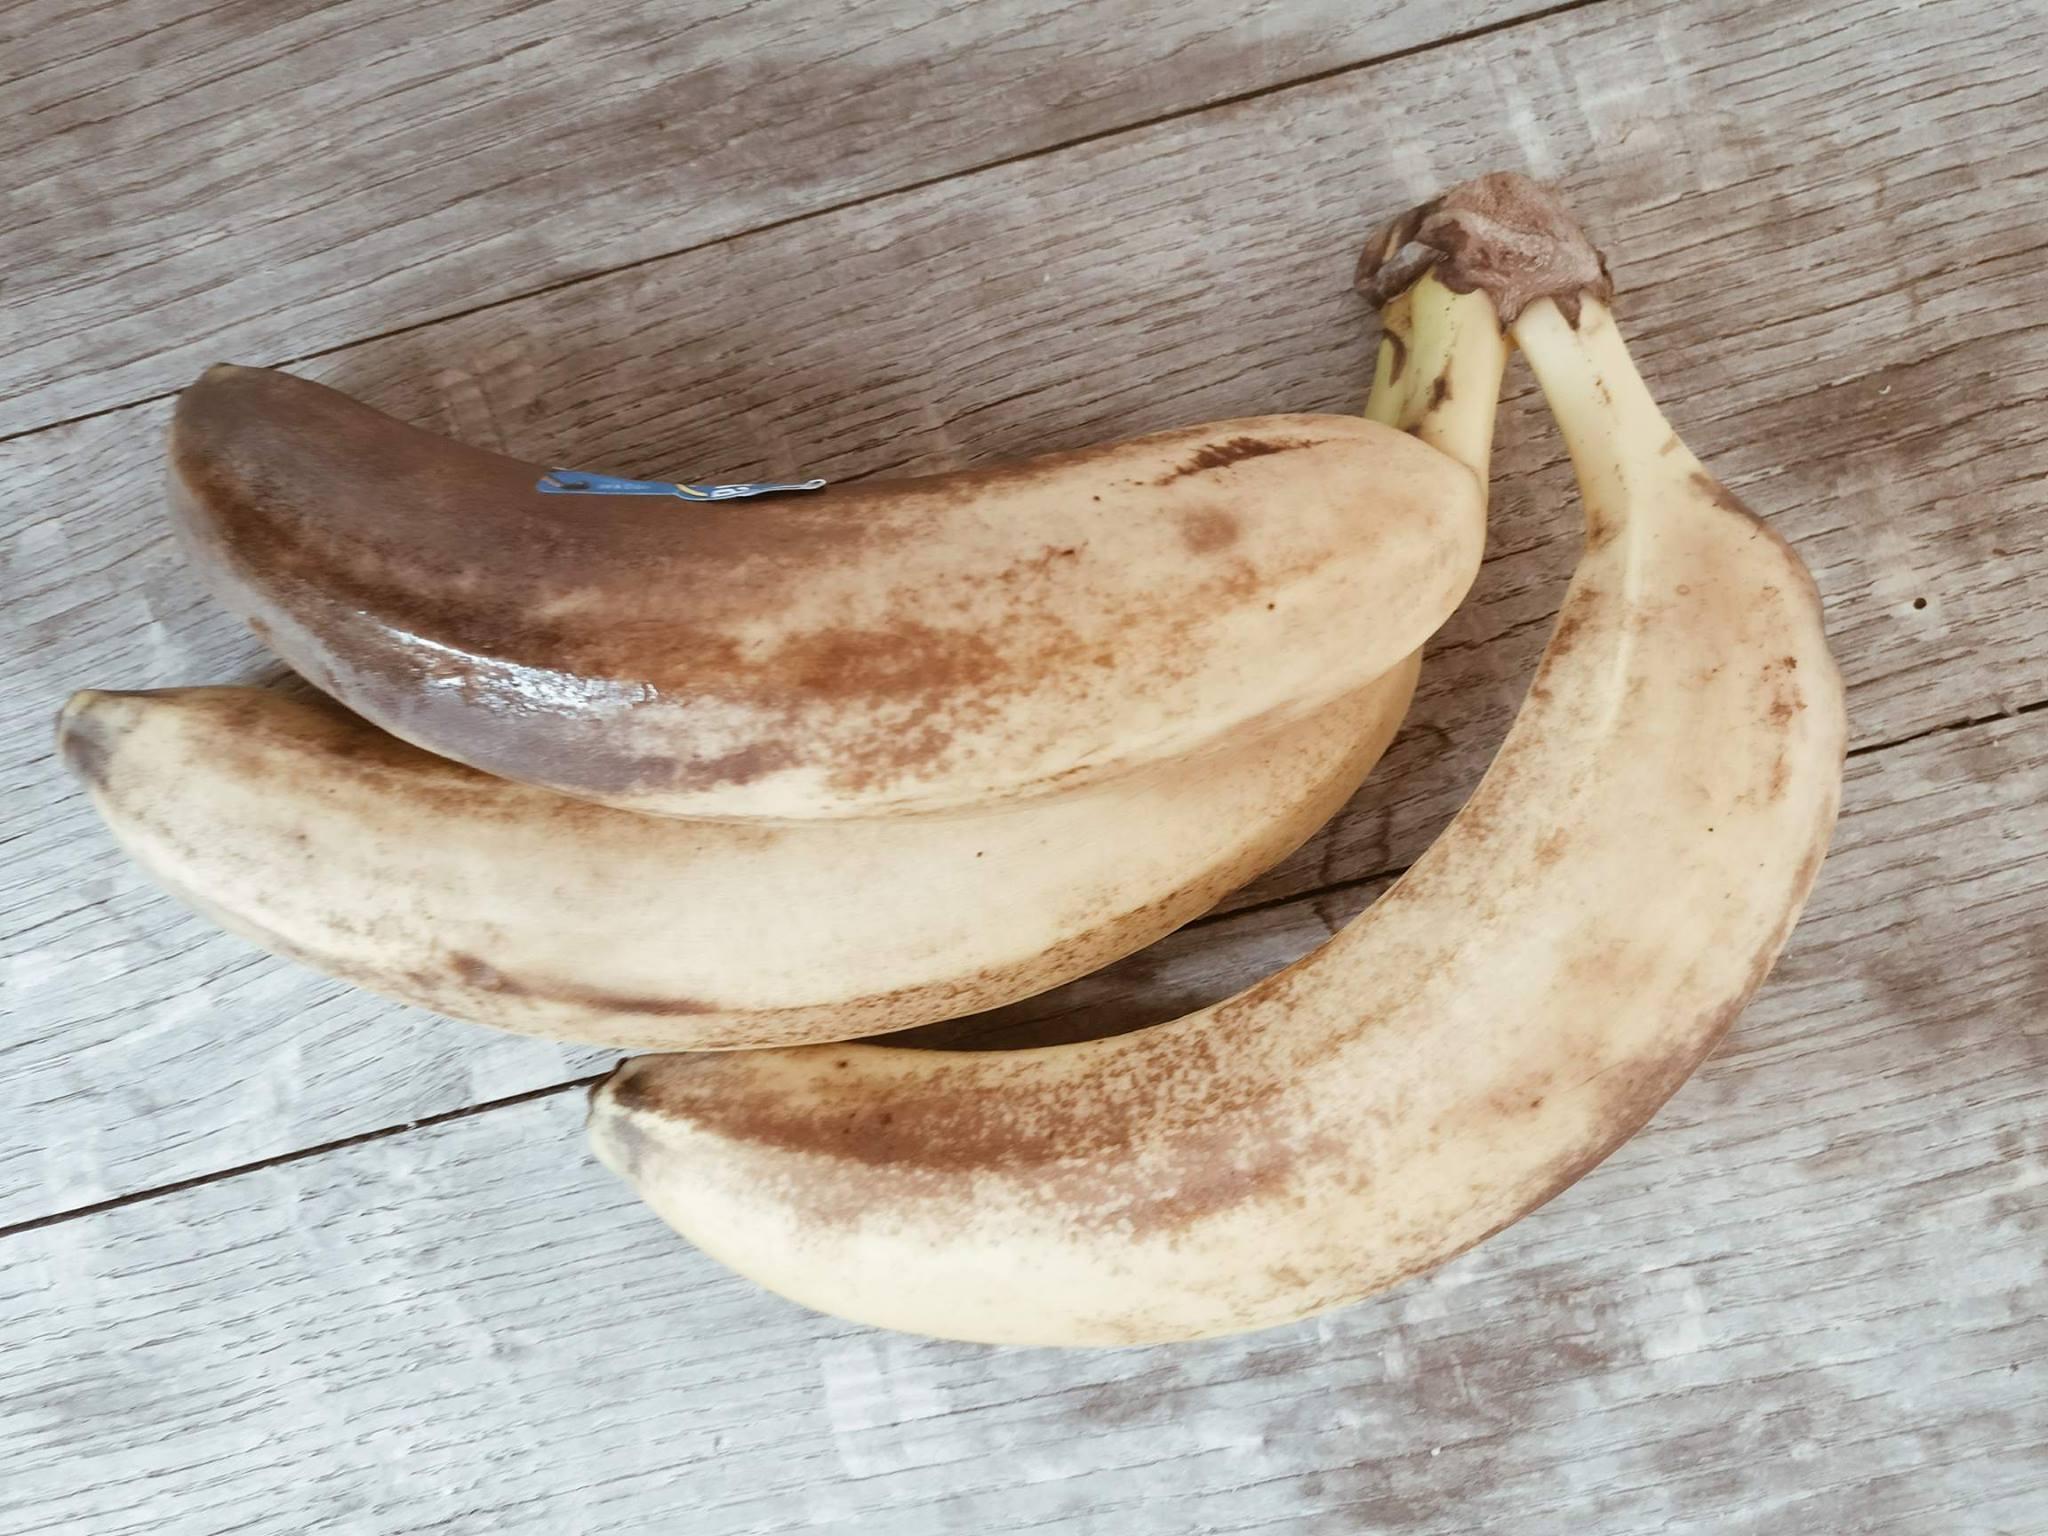 Overrijpe bananen, het is zo snel gebeurd! Maar wat kan je er nu mee doen